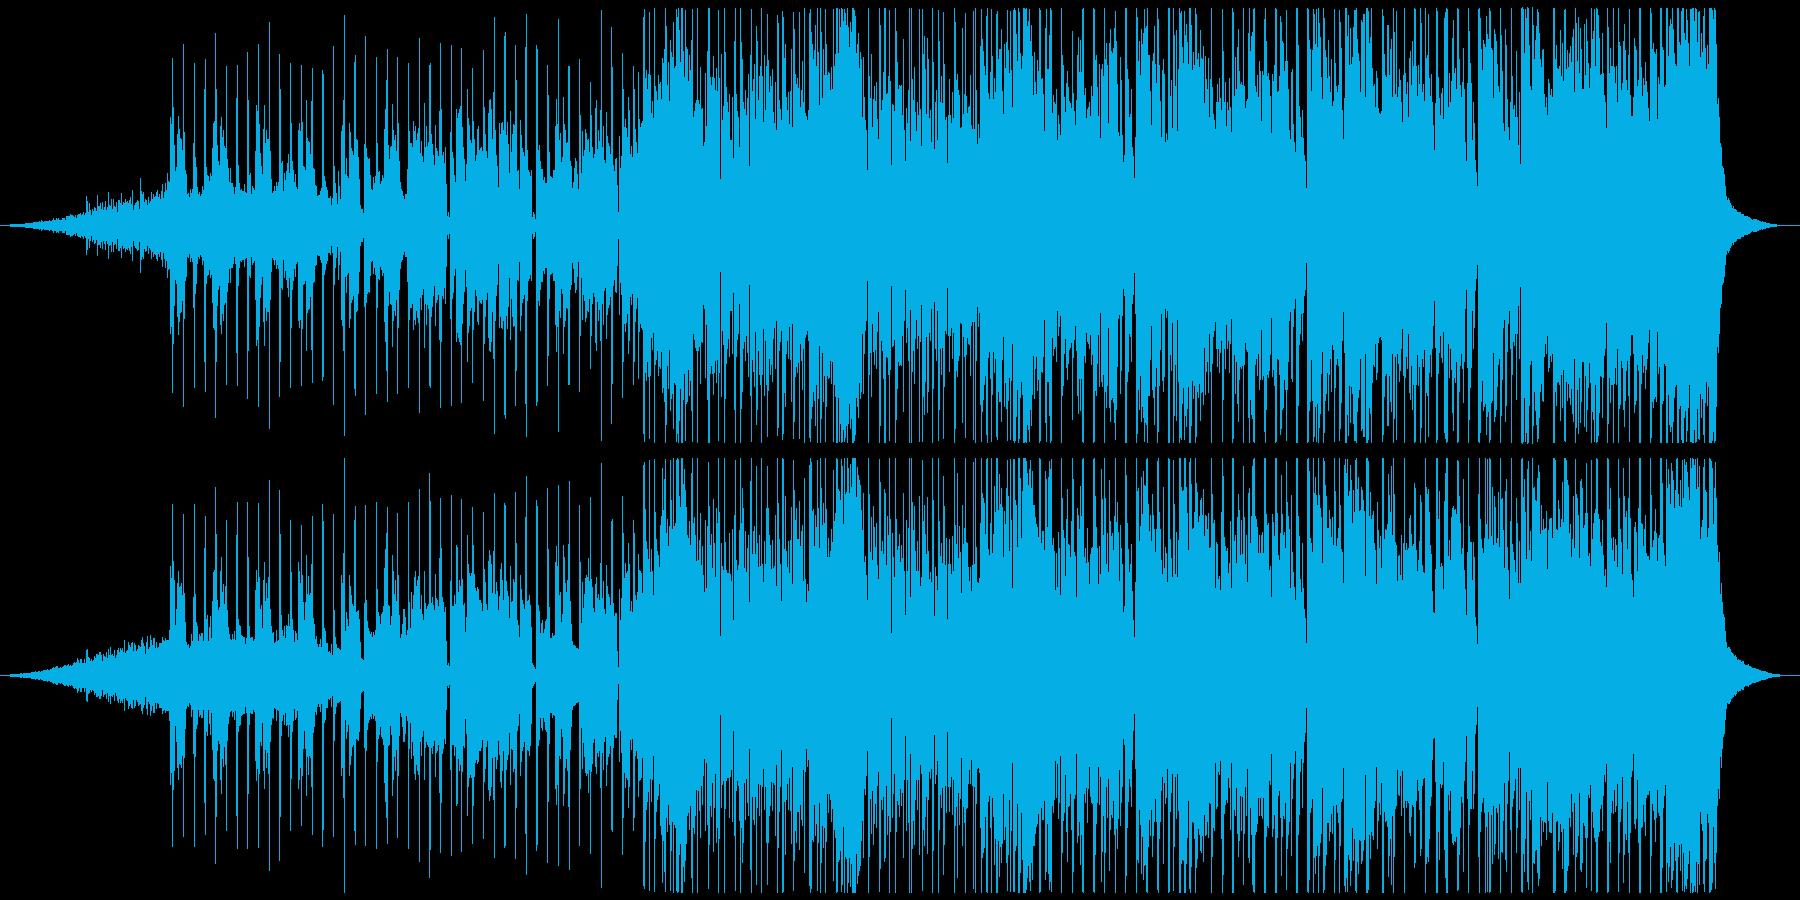 ディスコ風のオープニングジングルの再生済みの波形